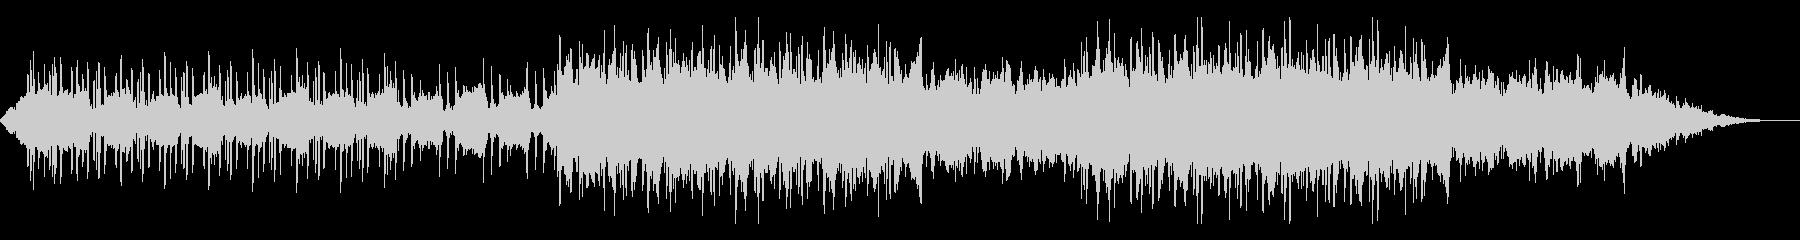 texture11の未再生の波形